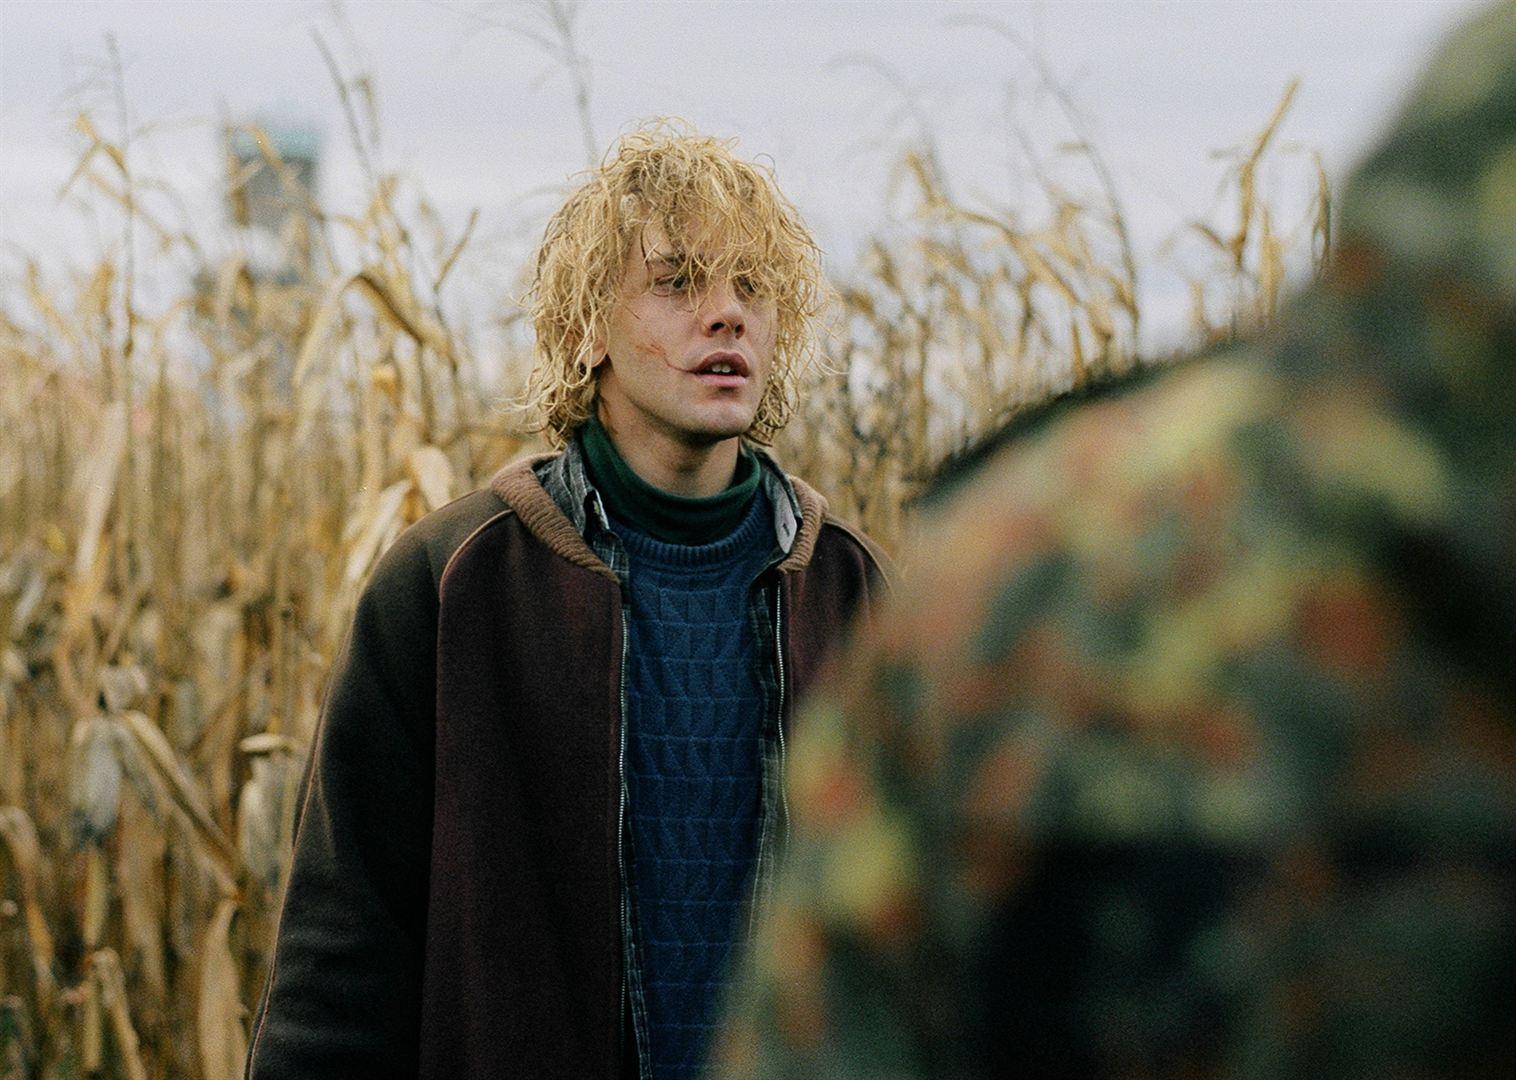 Tom à la ferme: portrait d'une névrose familiale